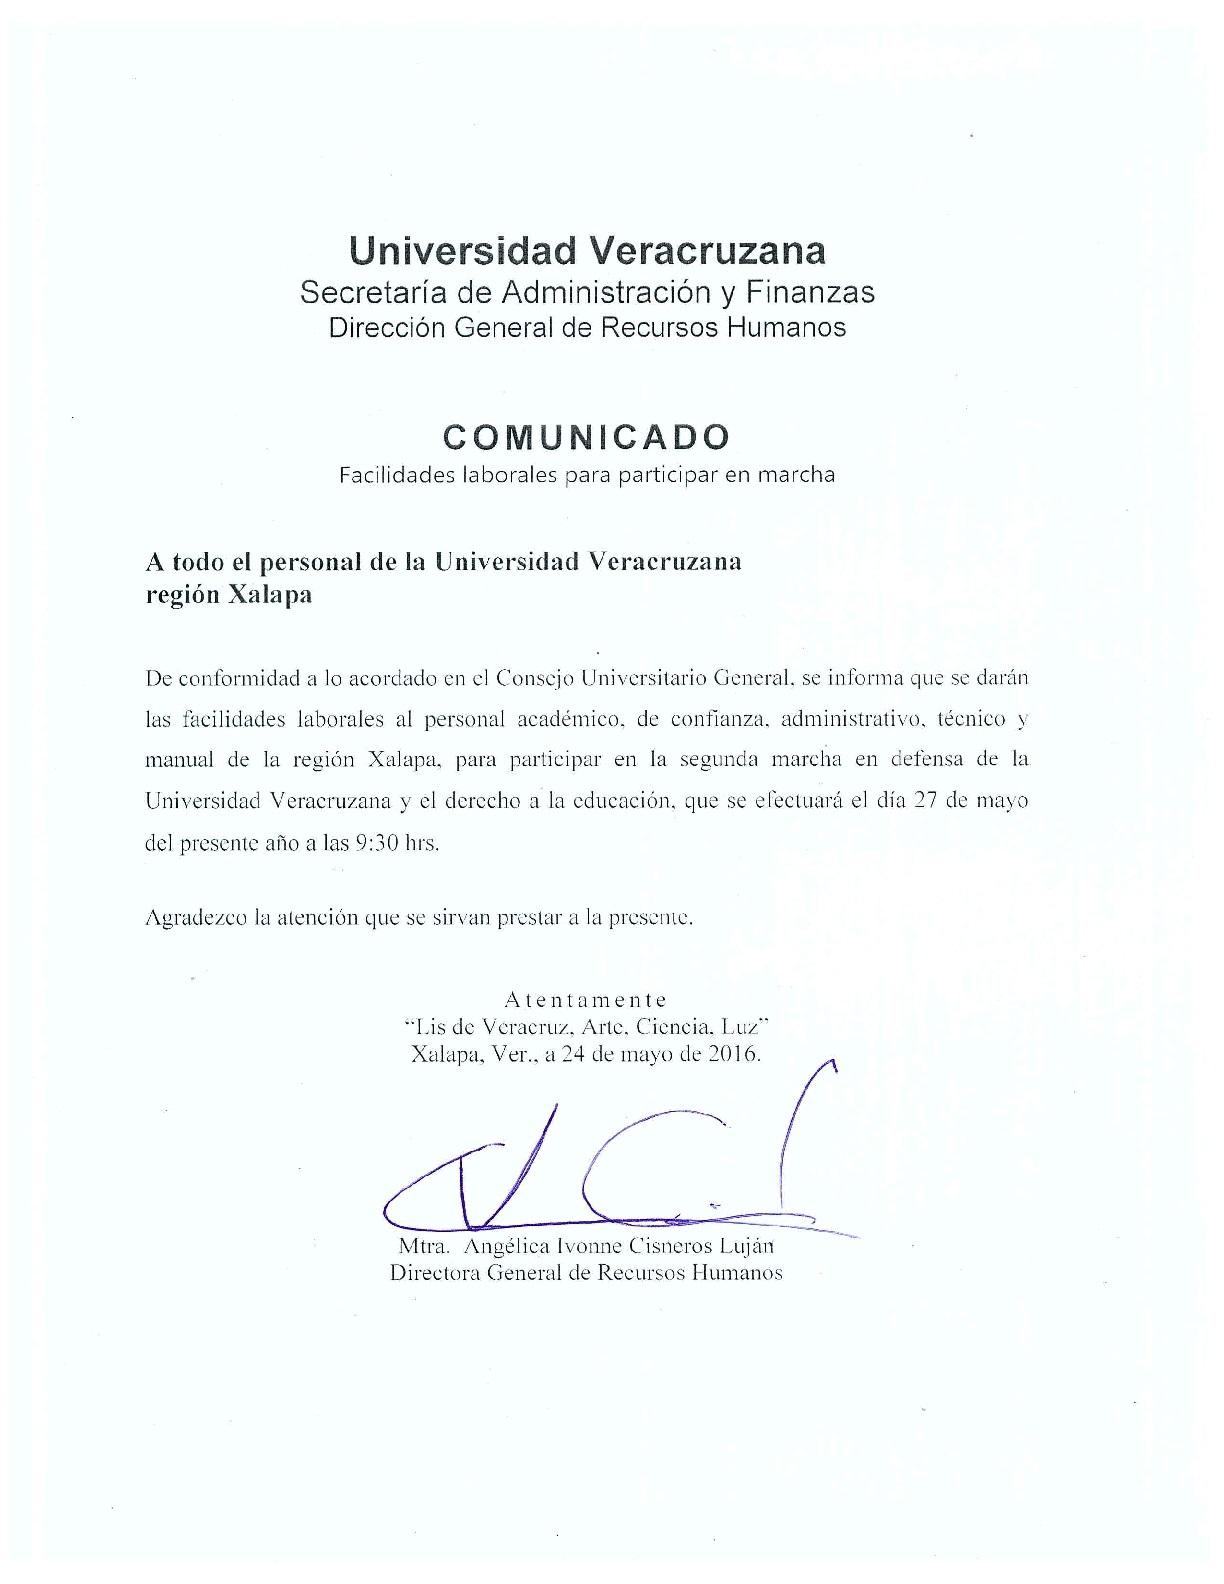 Avisos y Circulares - Dirección General de Recursos Humanos